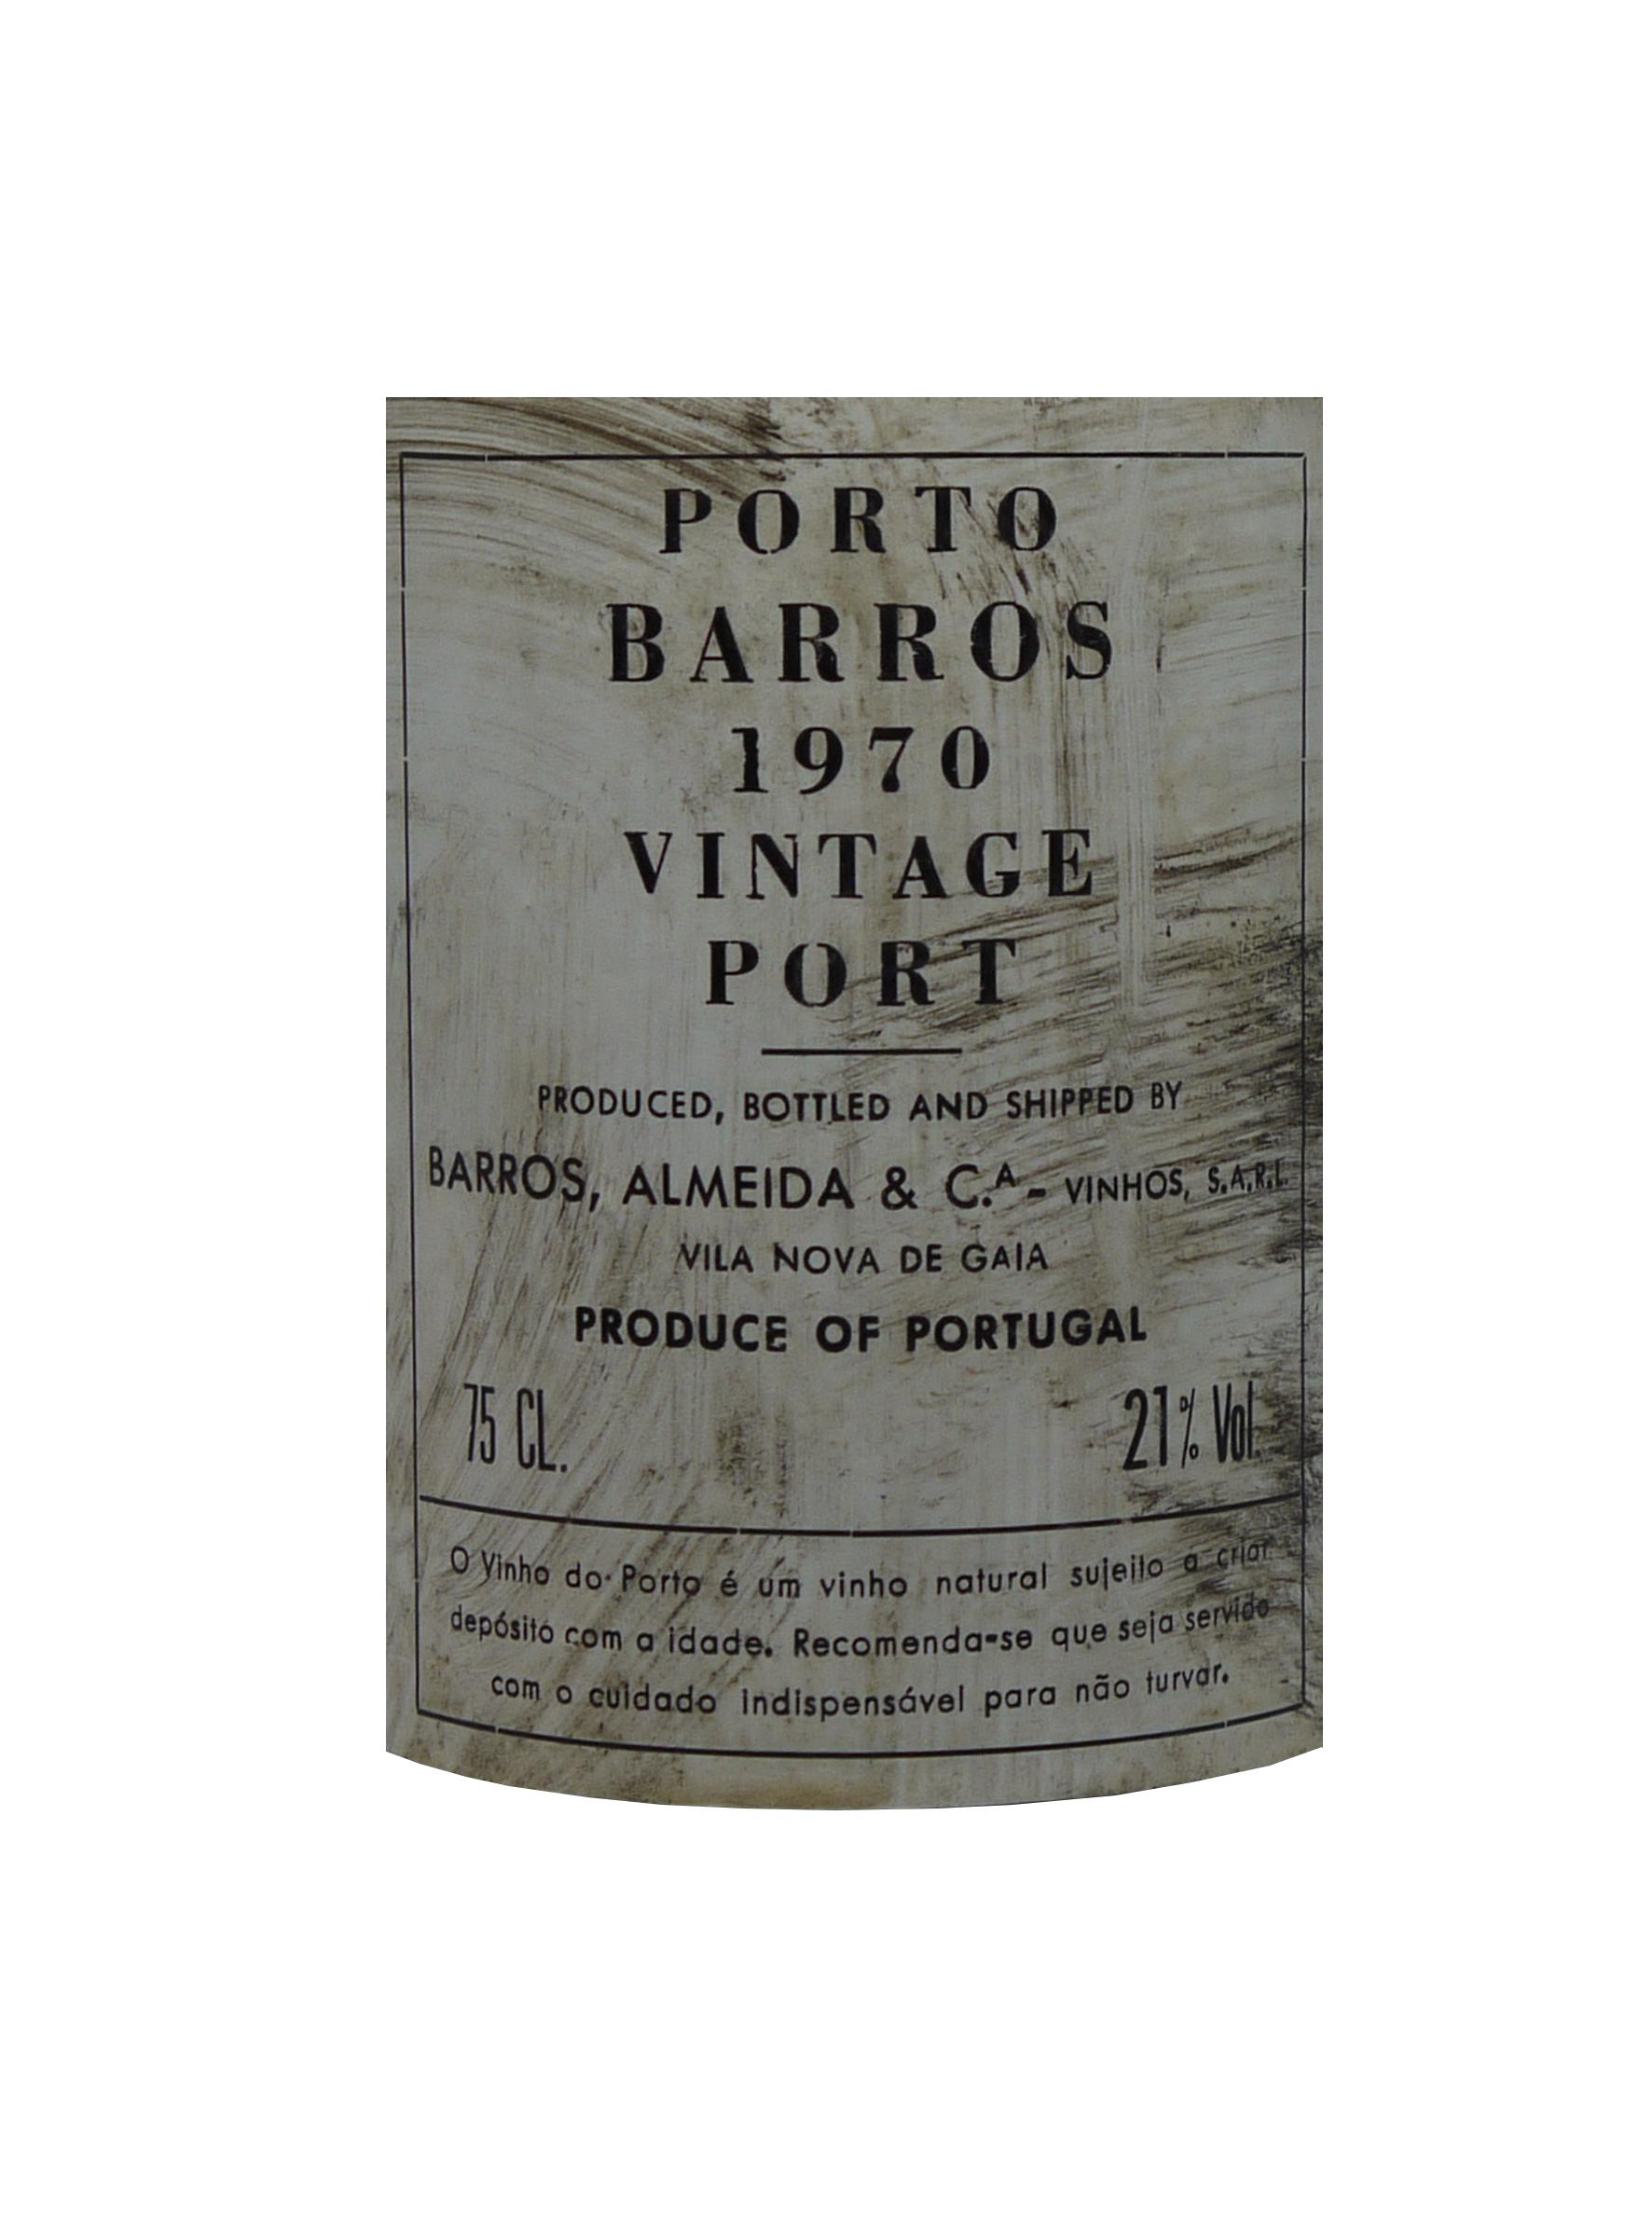 PortoBarros1970_2